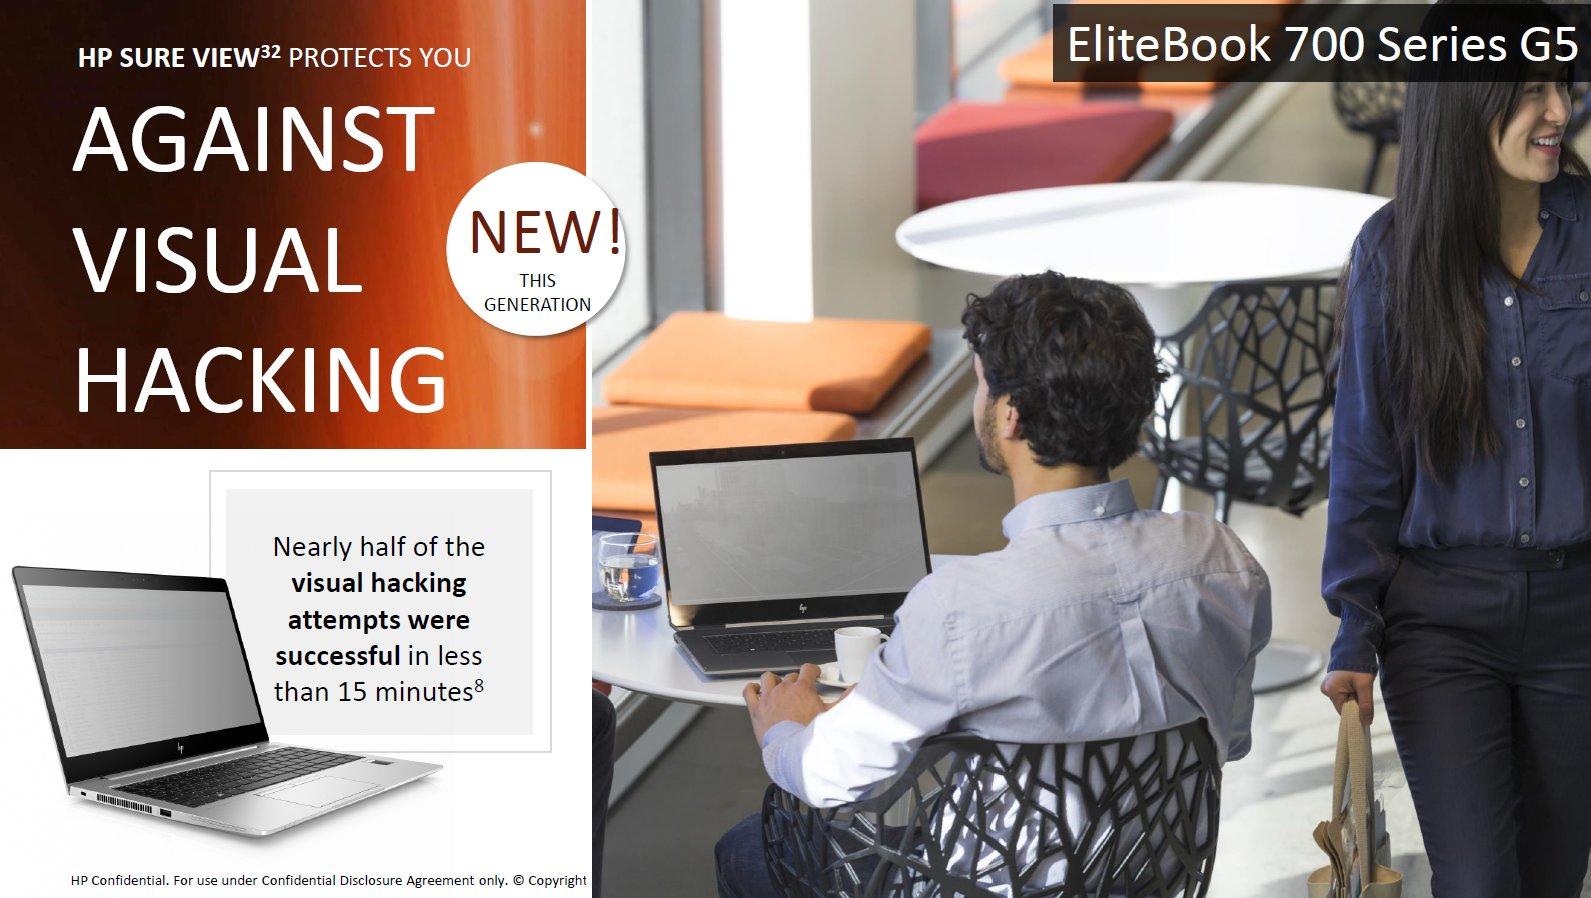 HP EliteBook 700 Series G5